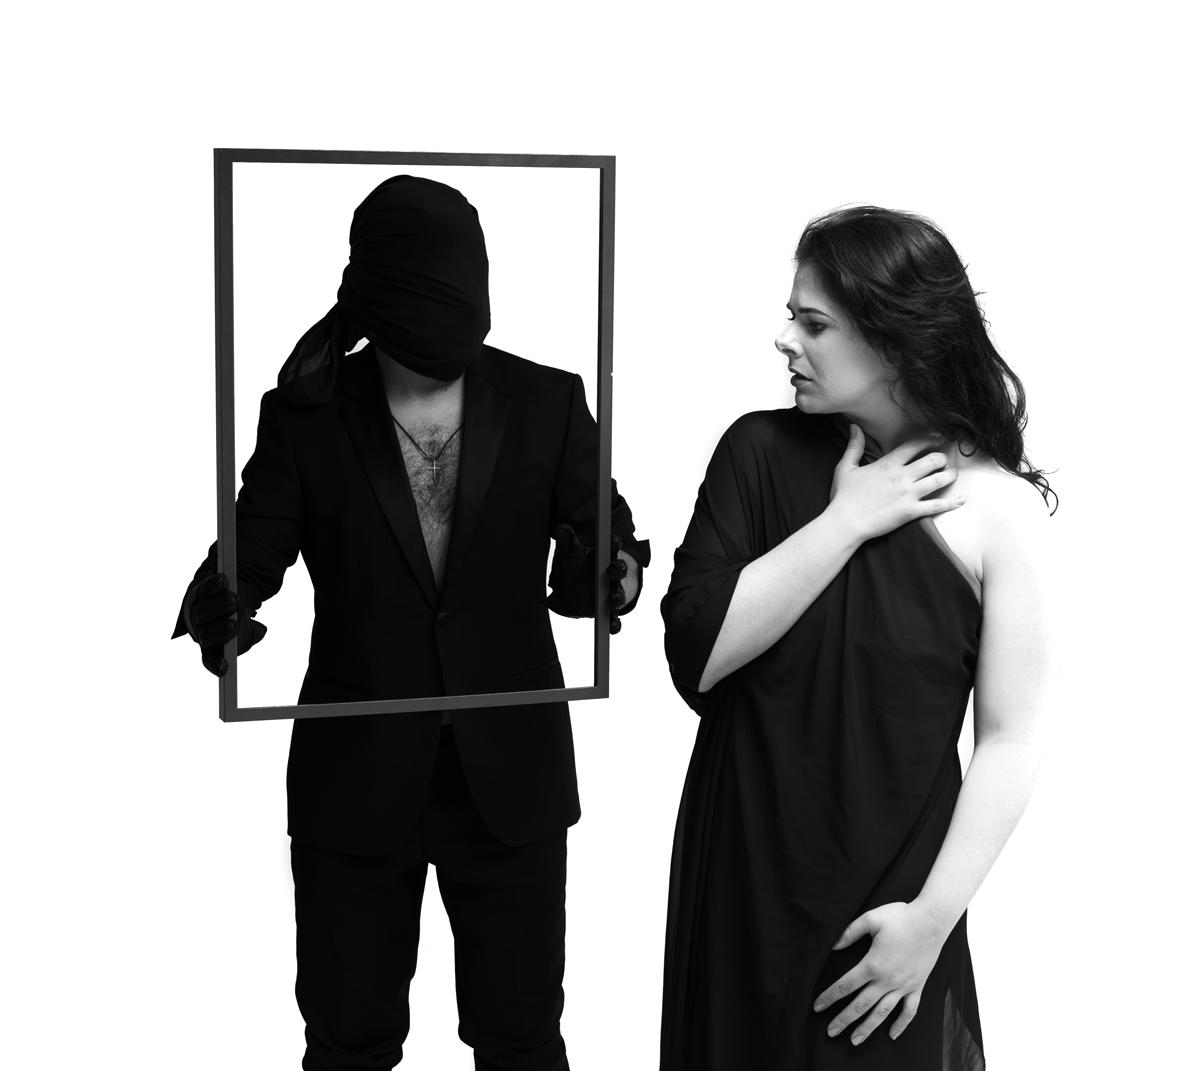 Rachel Hippert & Julian De La Chica Photo by Hassan Malik